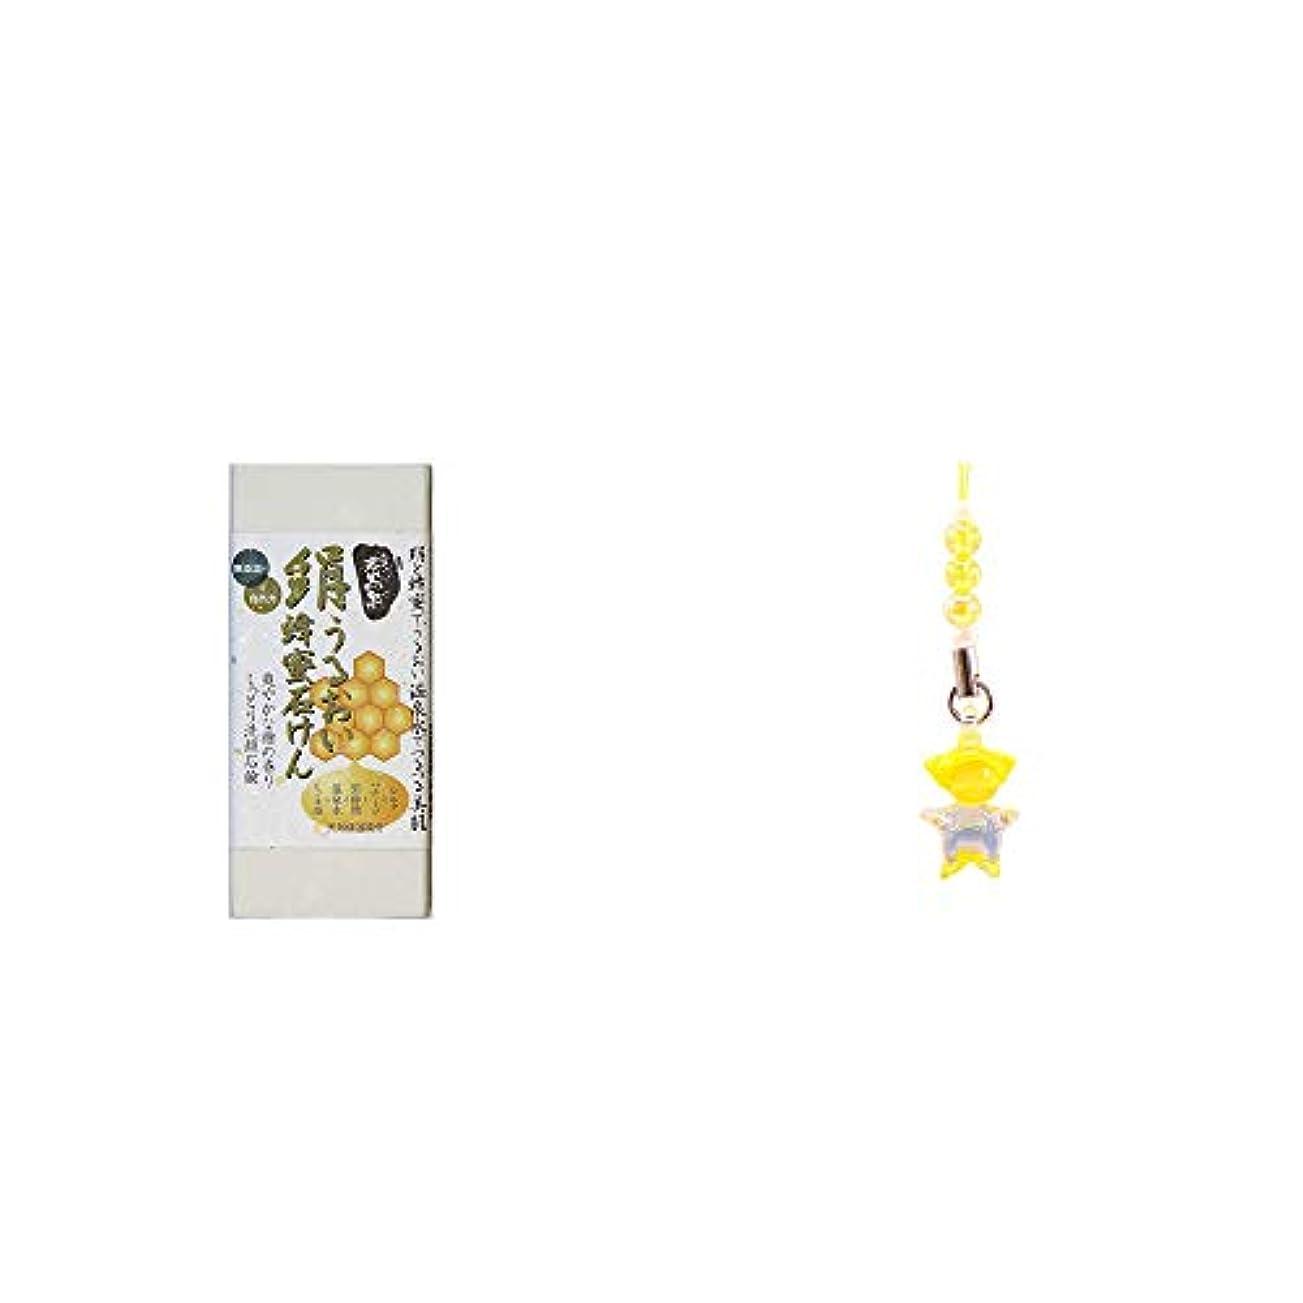 [2点セット] ひのき炭黒泉 絹うるおい蜂蜜石けん(75g×2)?ガラスのさるぼぼ 手作りキーホルダー 【黄】 /金運?ギャンブル運?財運?宝くじ当選祈願//